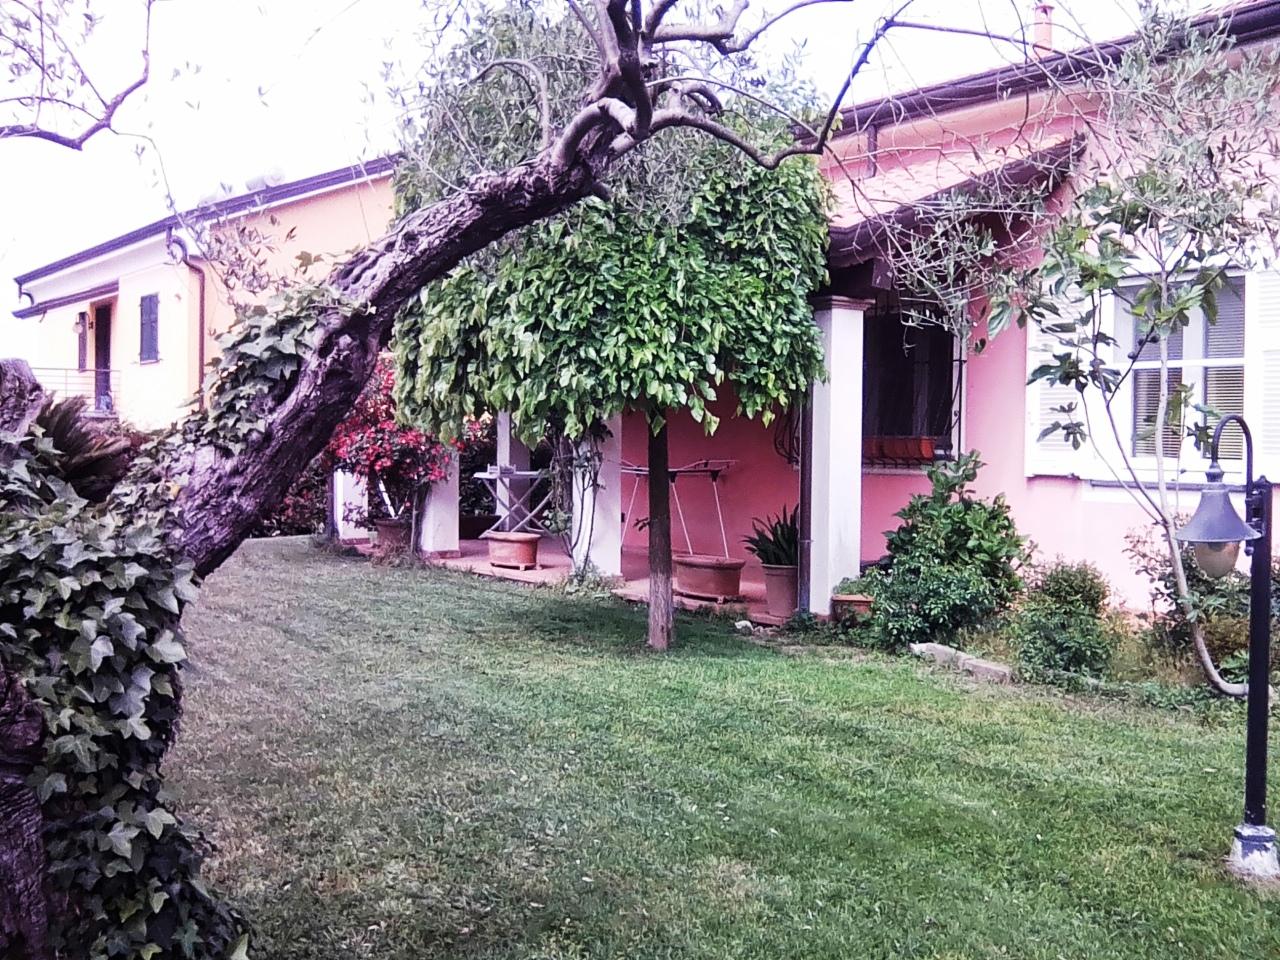 Villa in vendita a Sarzana, 7 locali, prezzo € 900.000 | CambioCasa.it